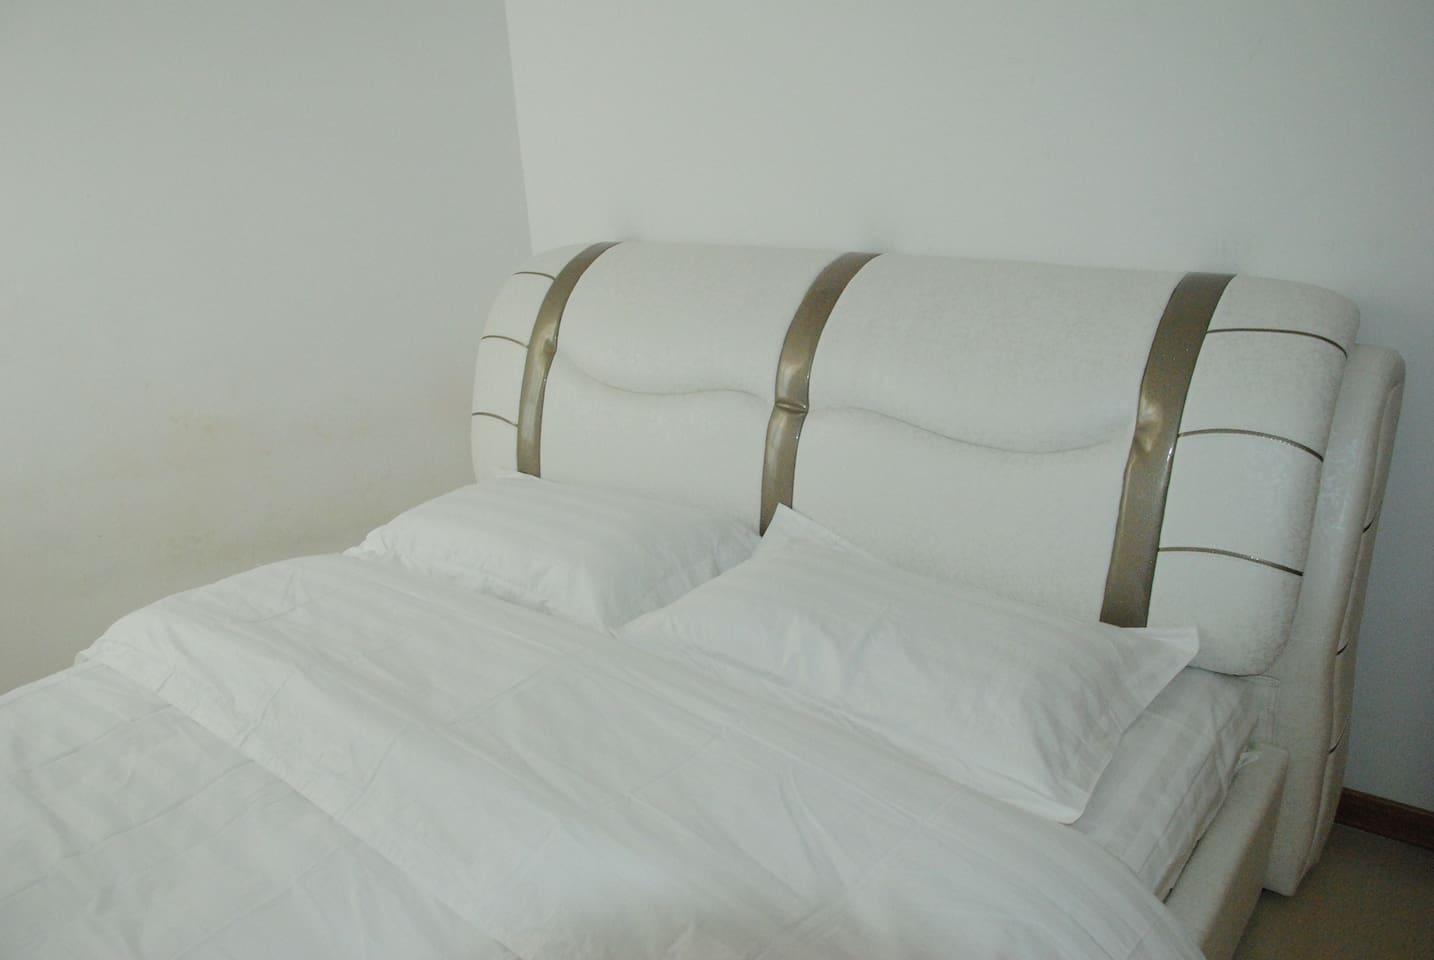 席梦思床加软包床,睡在上面特舒适。